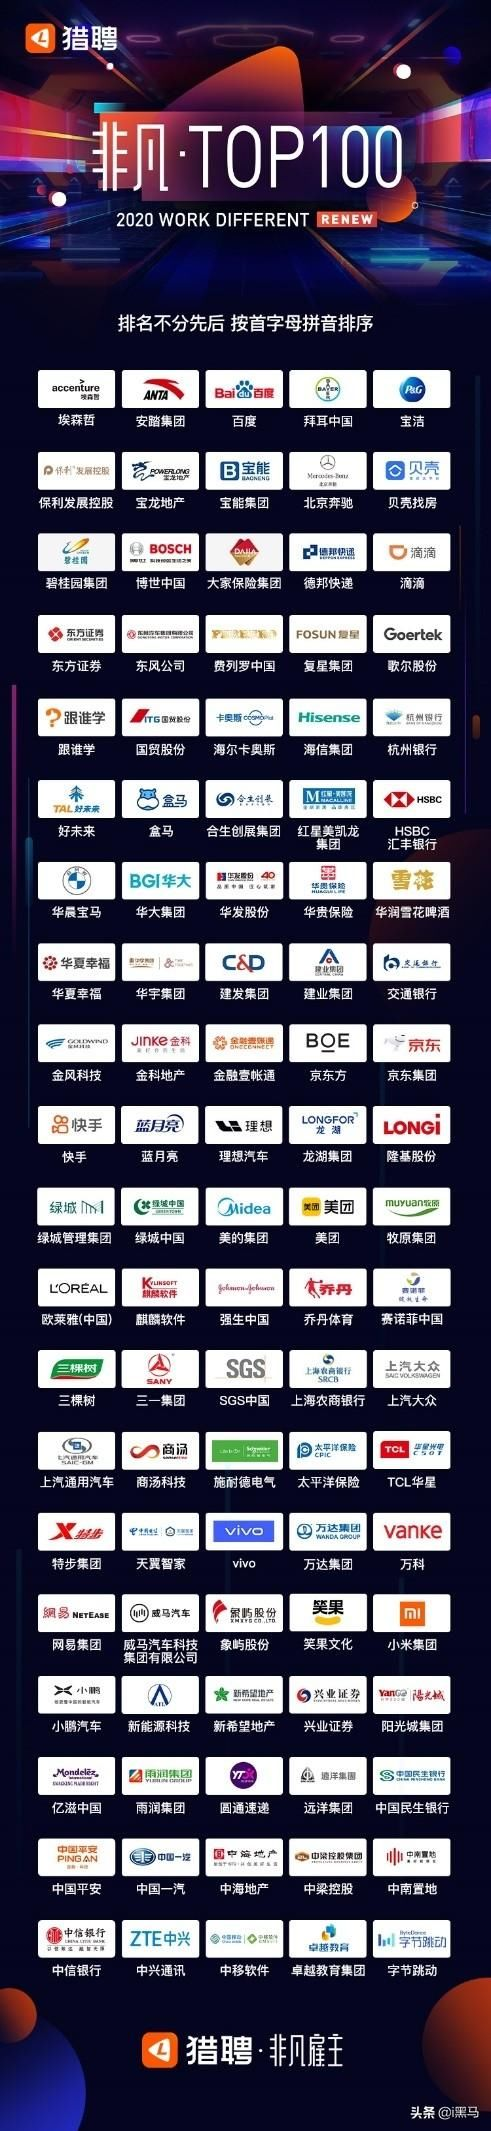 """猎聘揭晓2020""""非凡雇主""""TOP100,美团、滴滴等入围"""